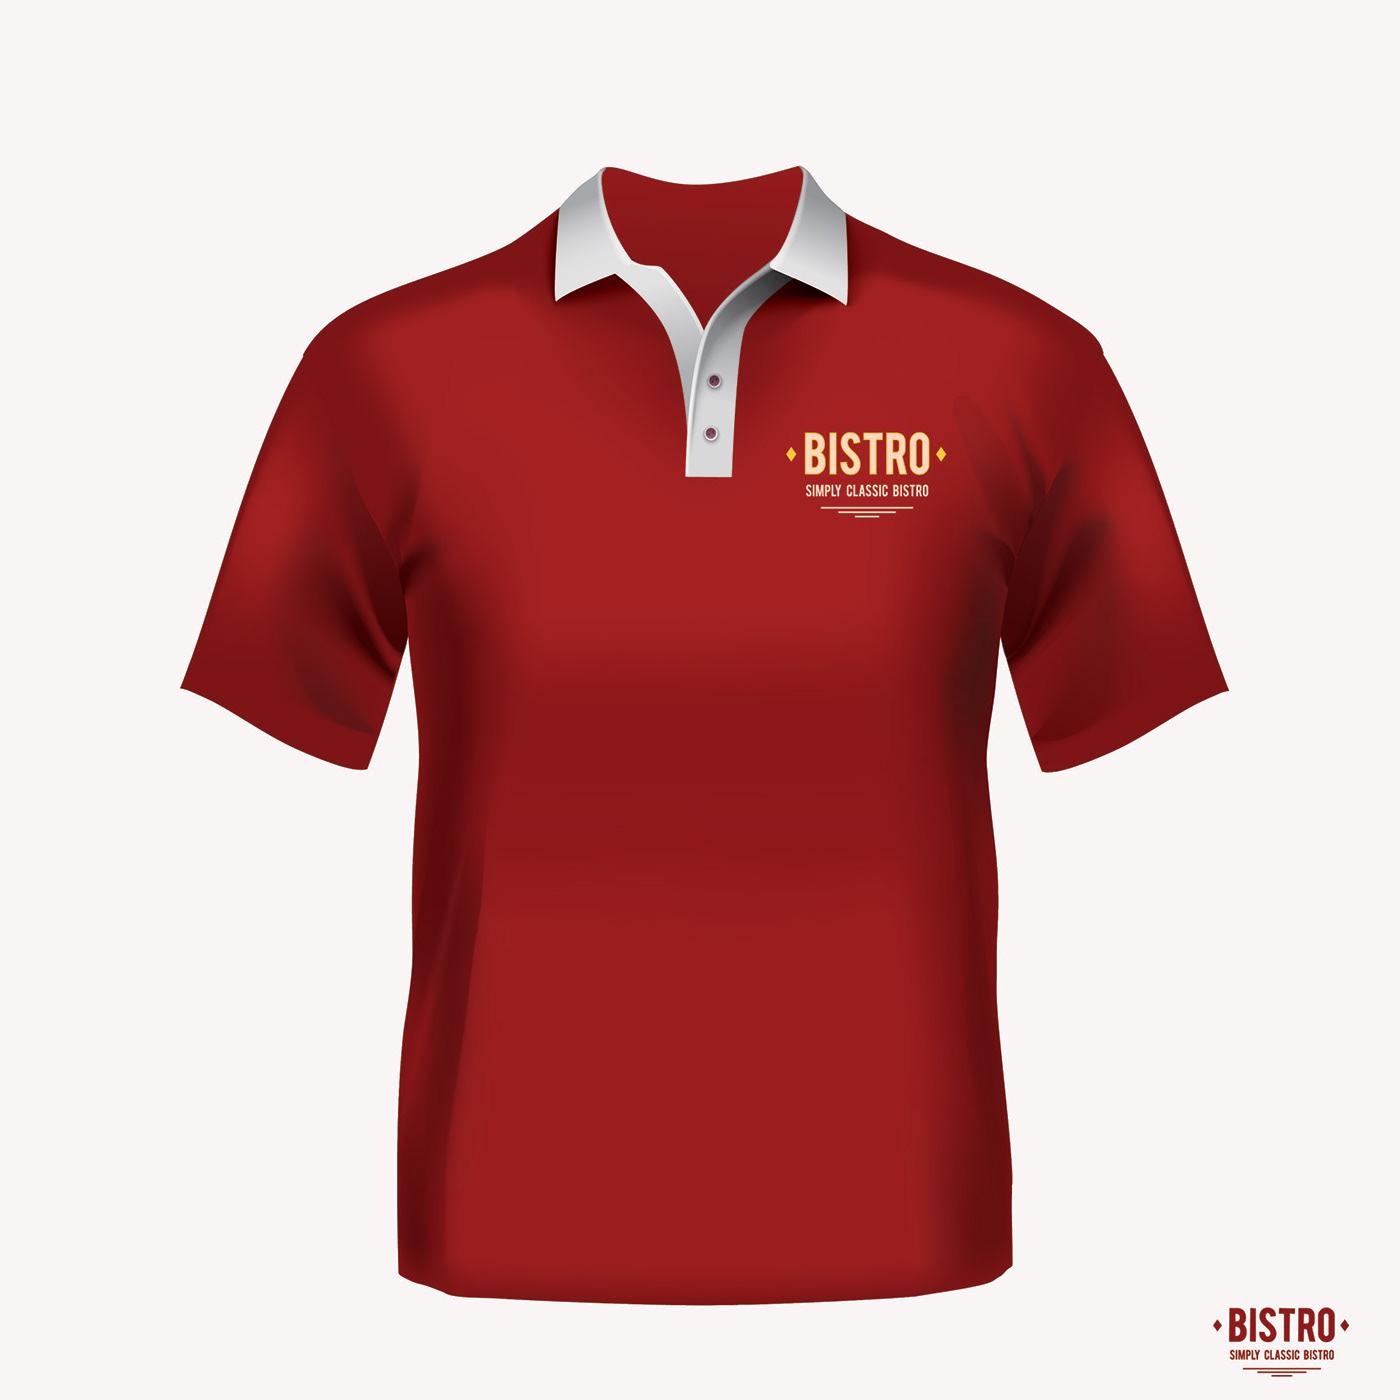 Image may contain: active shirt, t-shirt and top